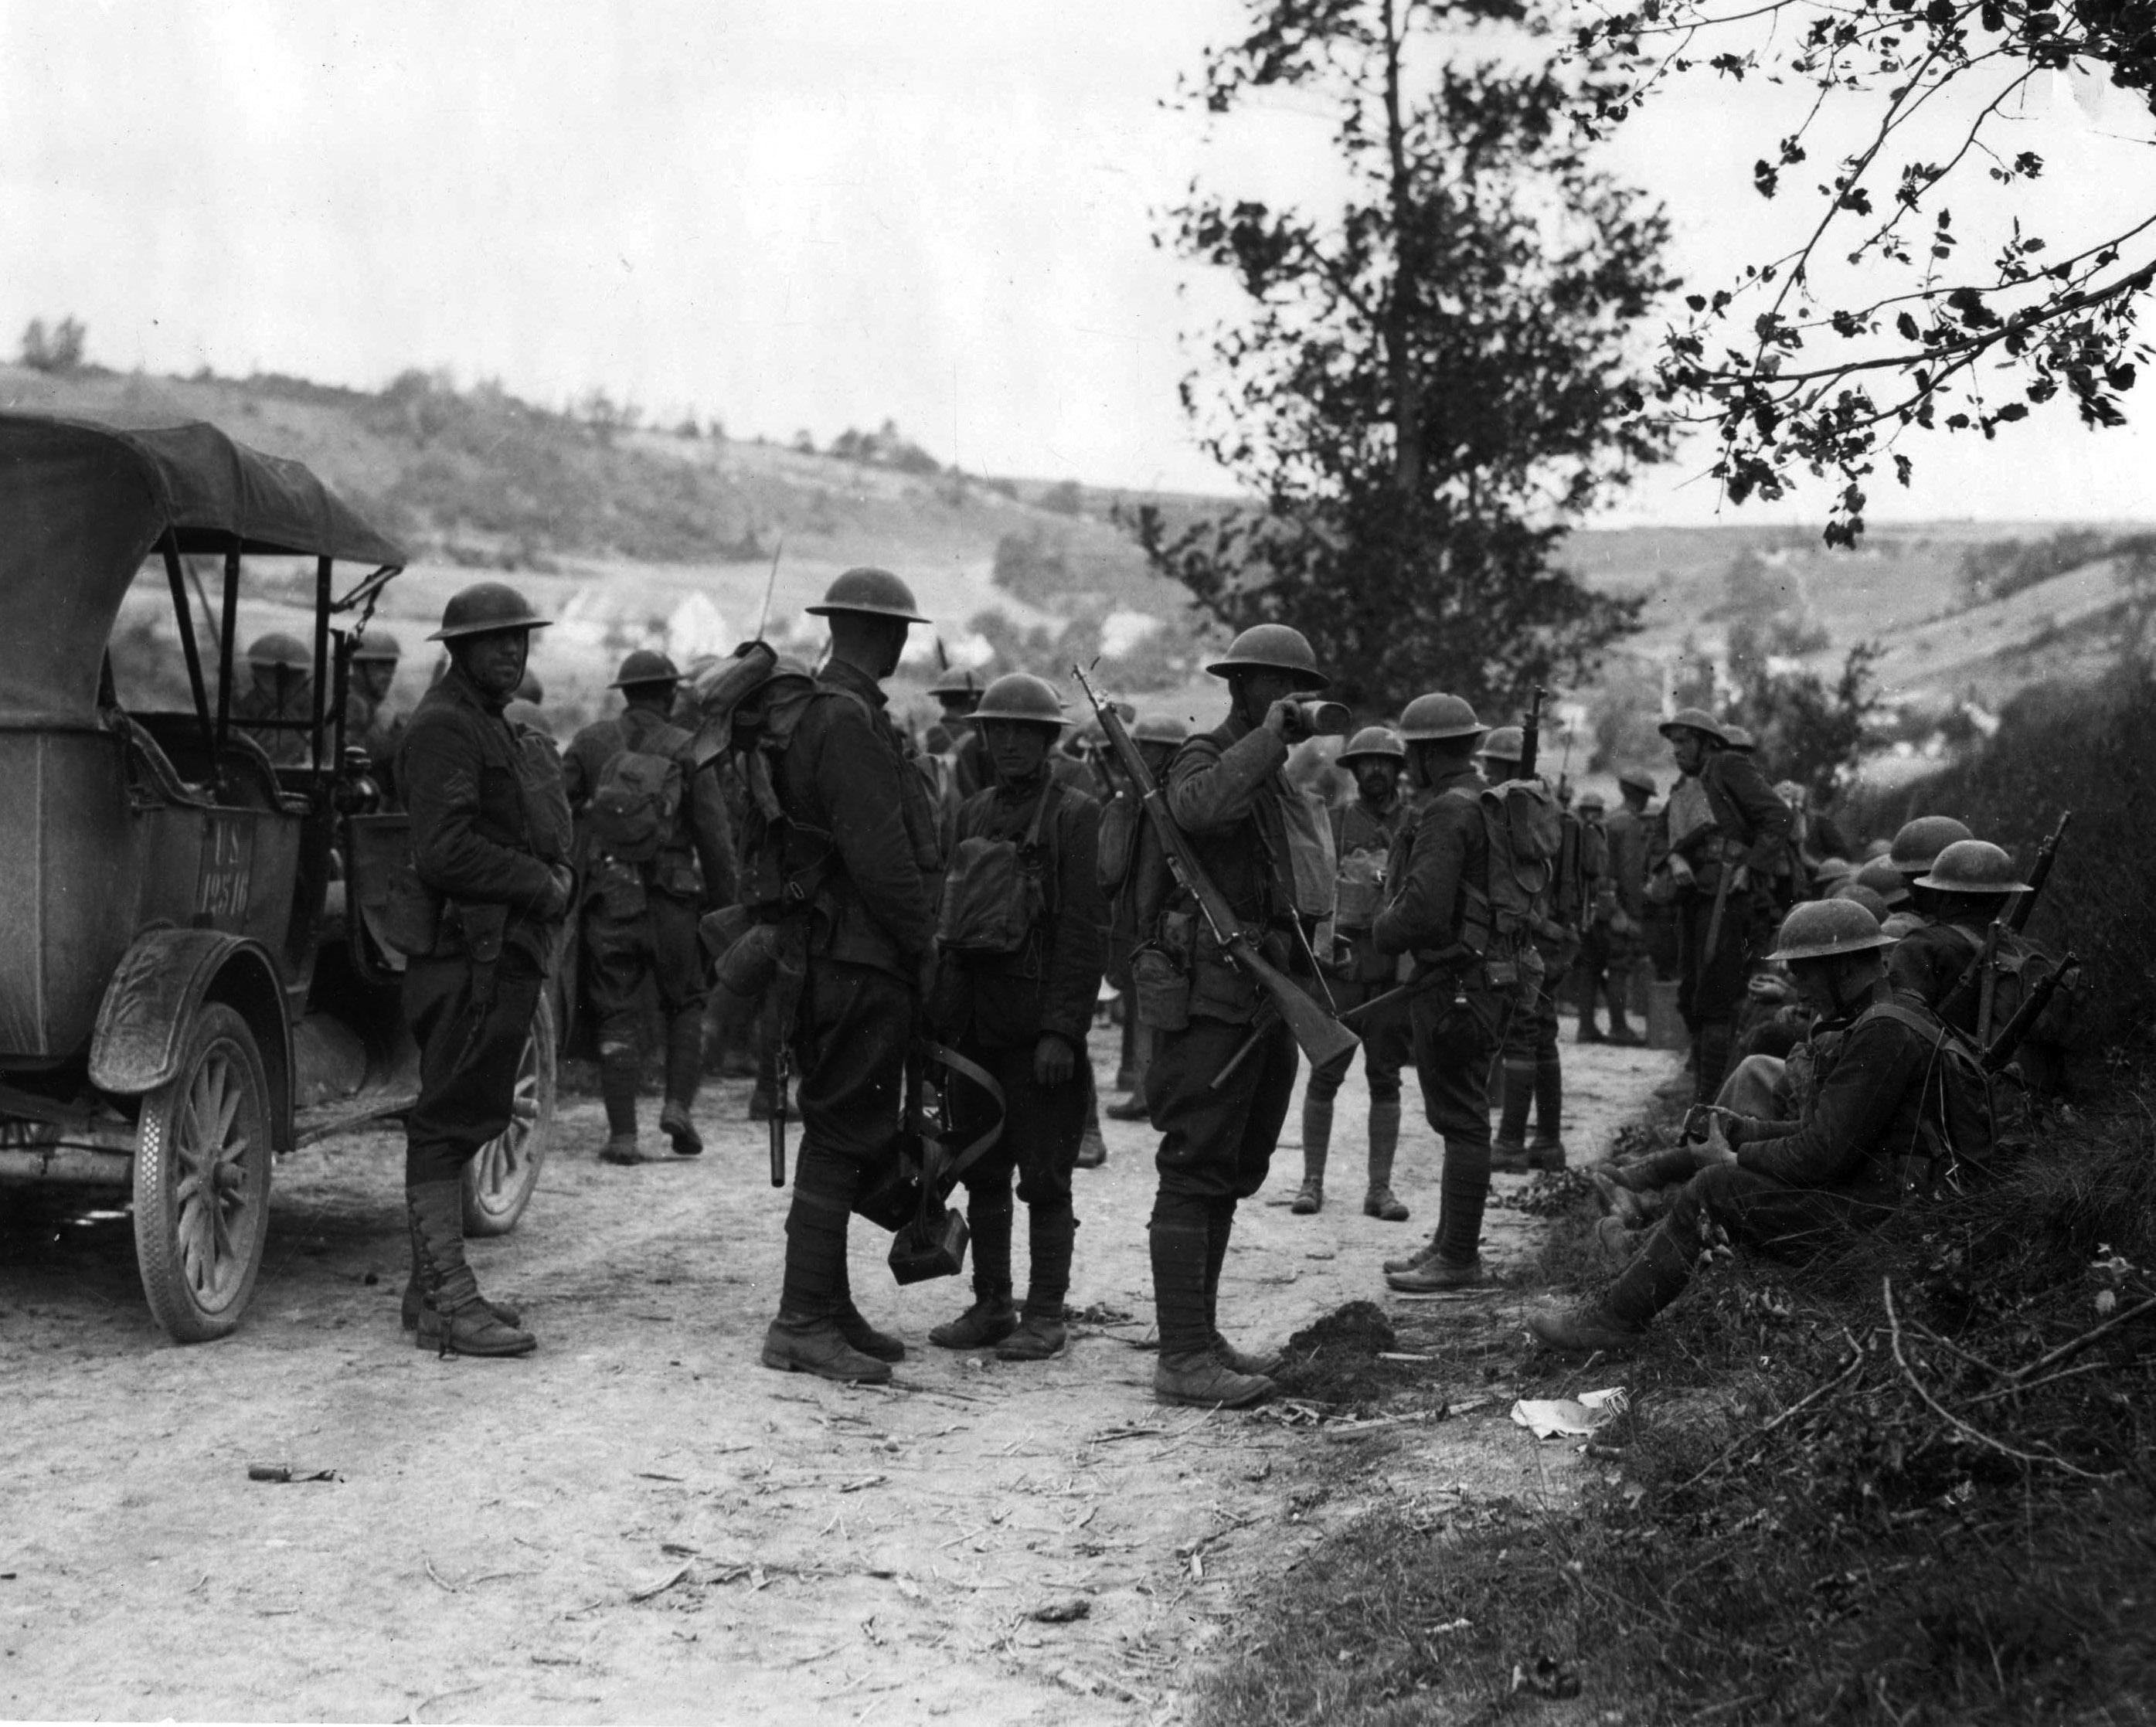 Солдаты из 1-го дивизиона 28-го пехотного полка, вооруженные M1903, отдыхают на привале. Франция, 1918 год